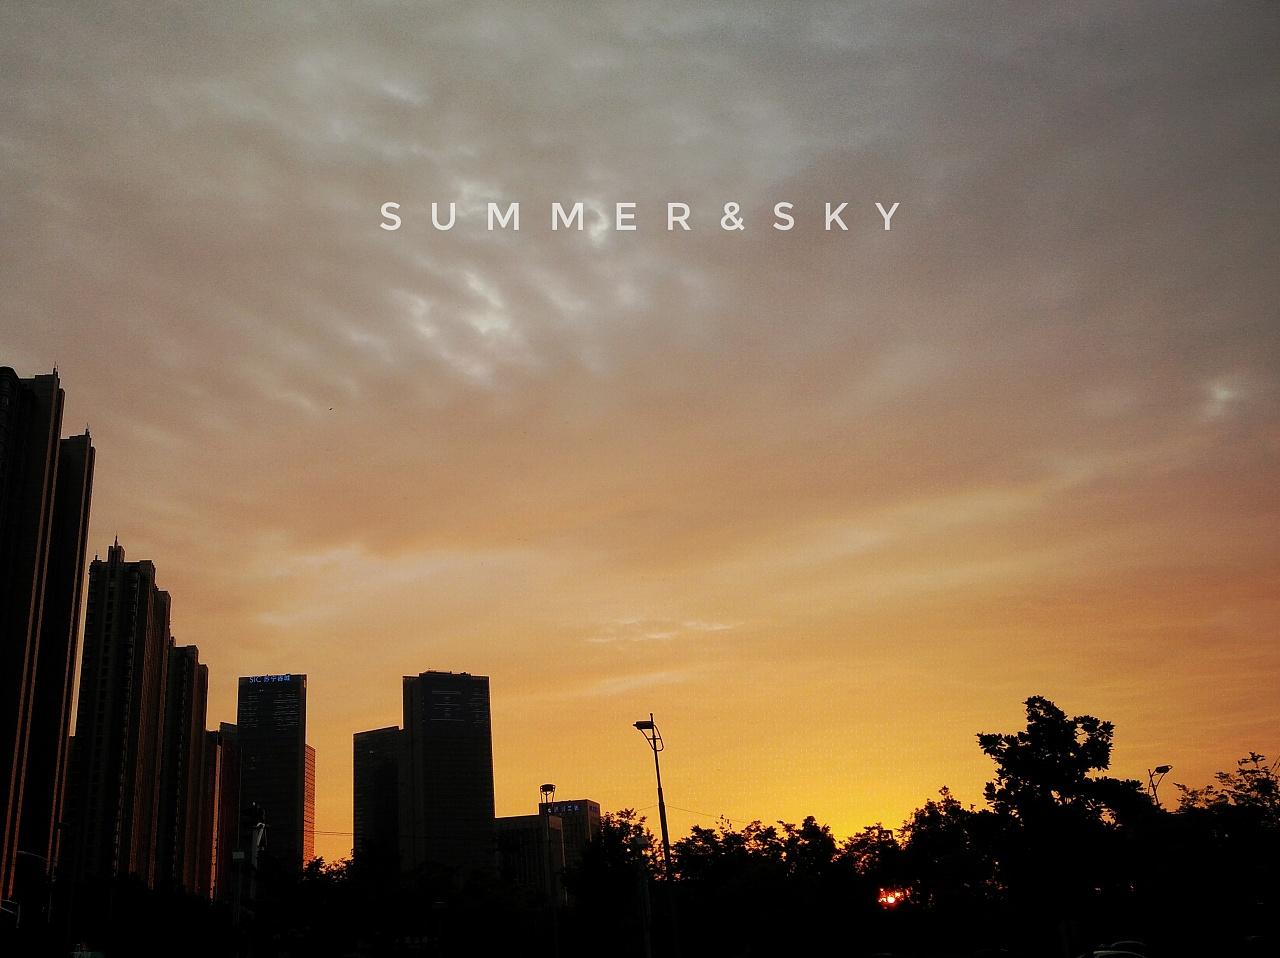 summer&sky